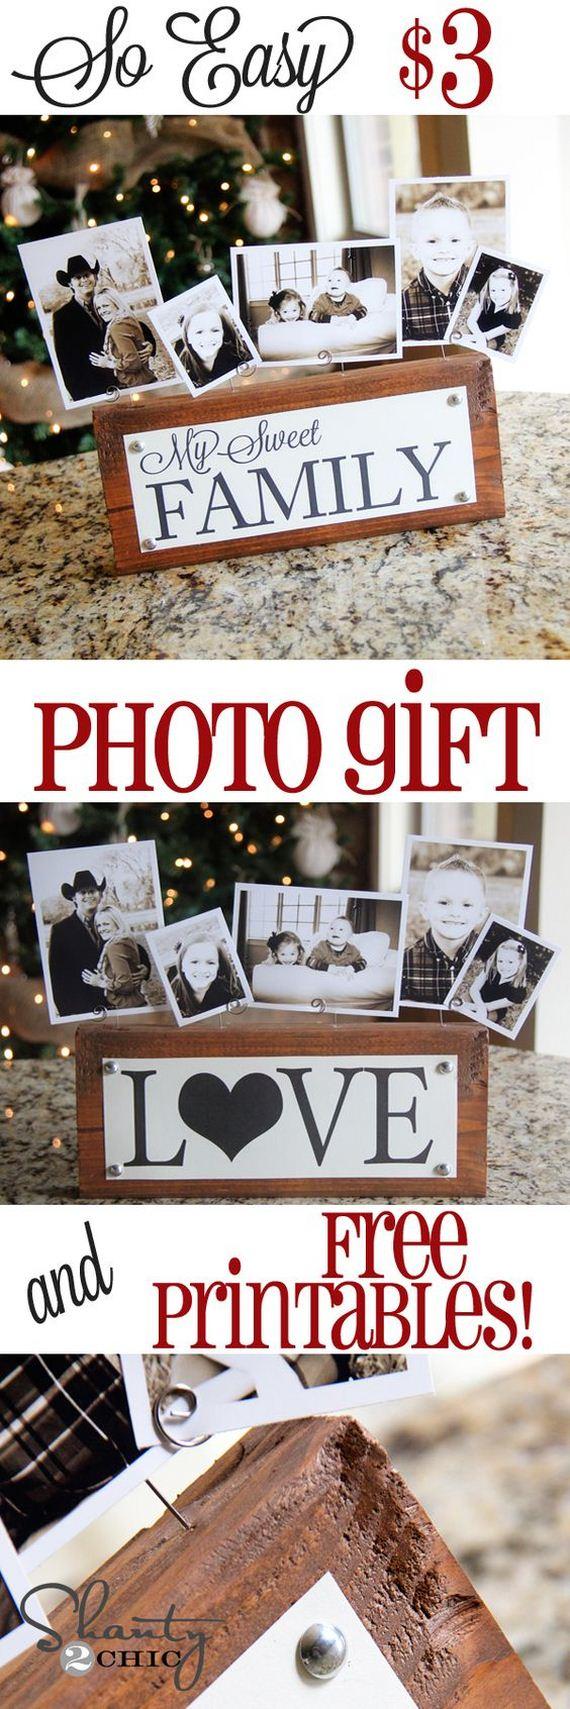 08-photos-cards-christmas